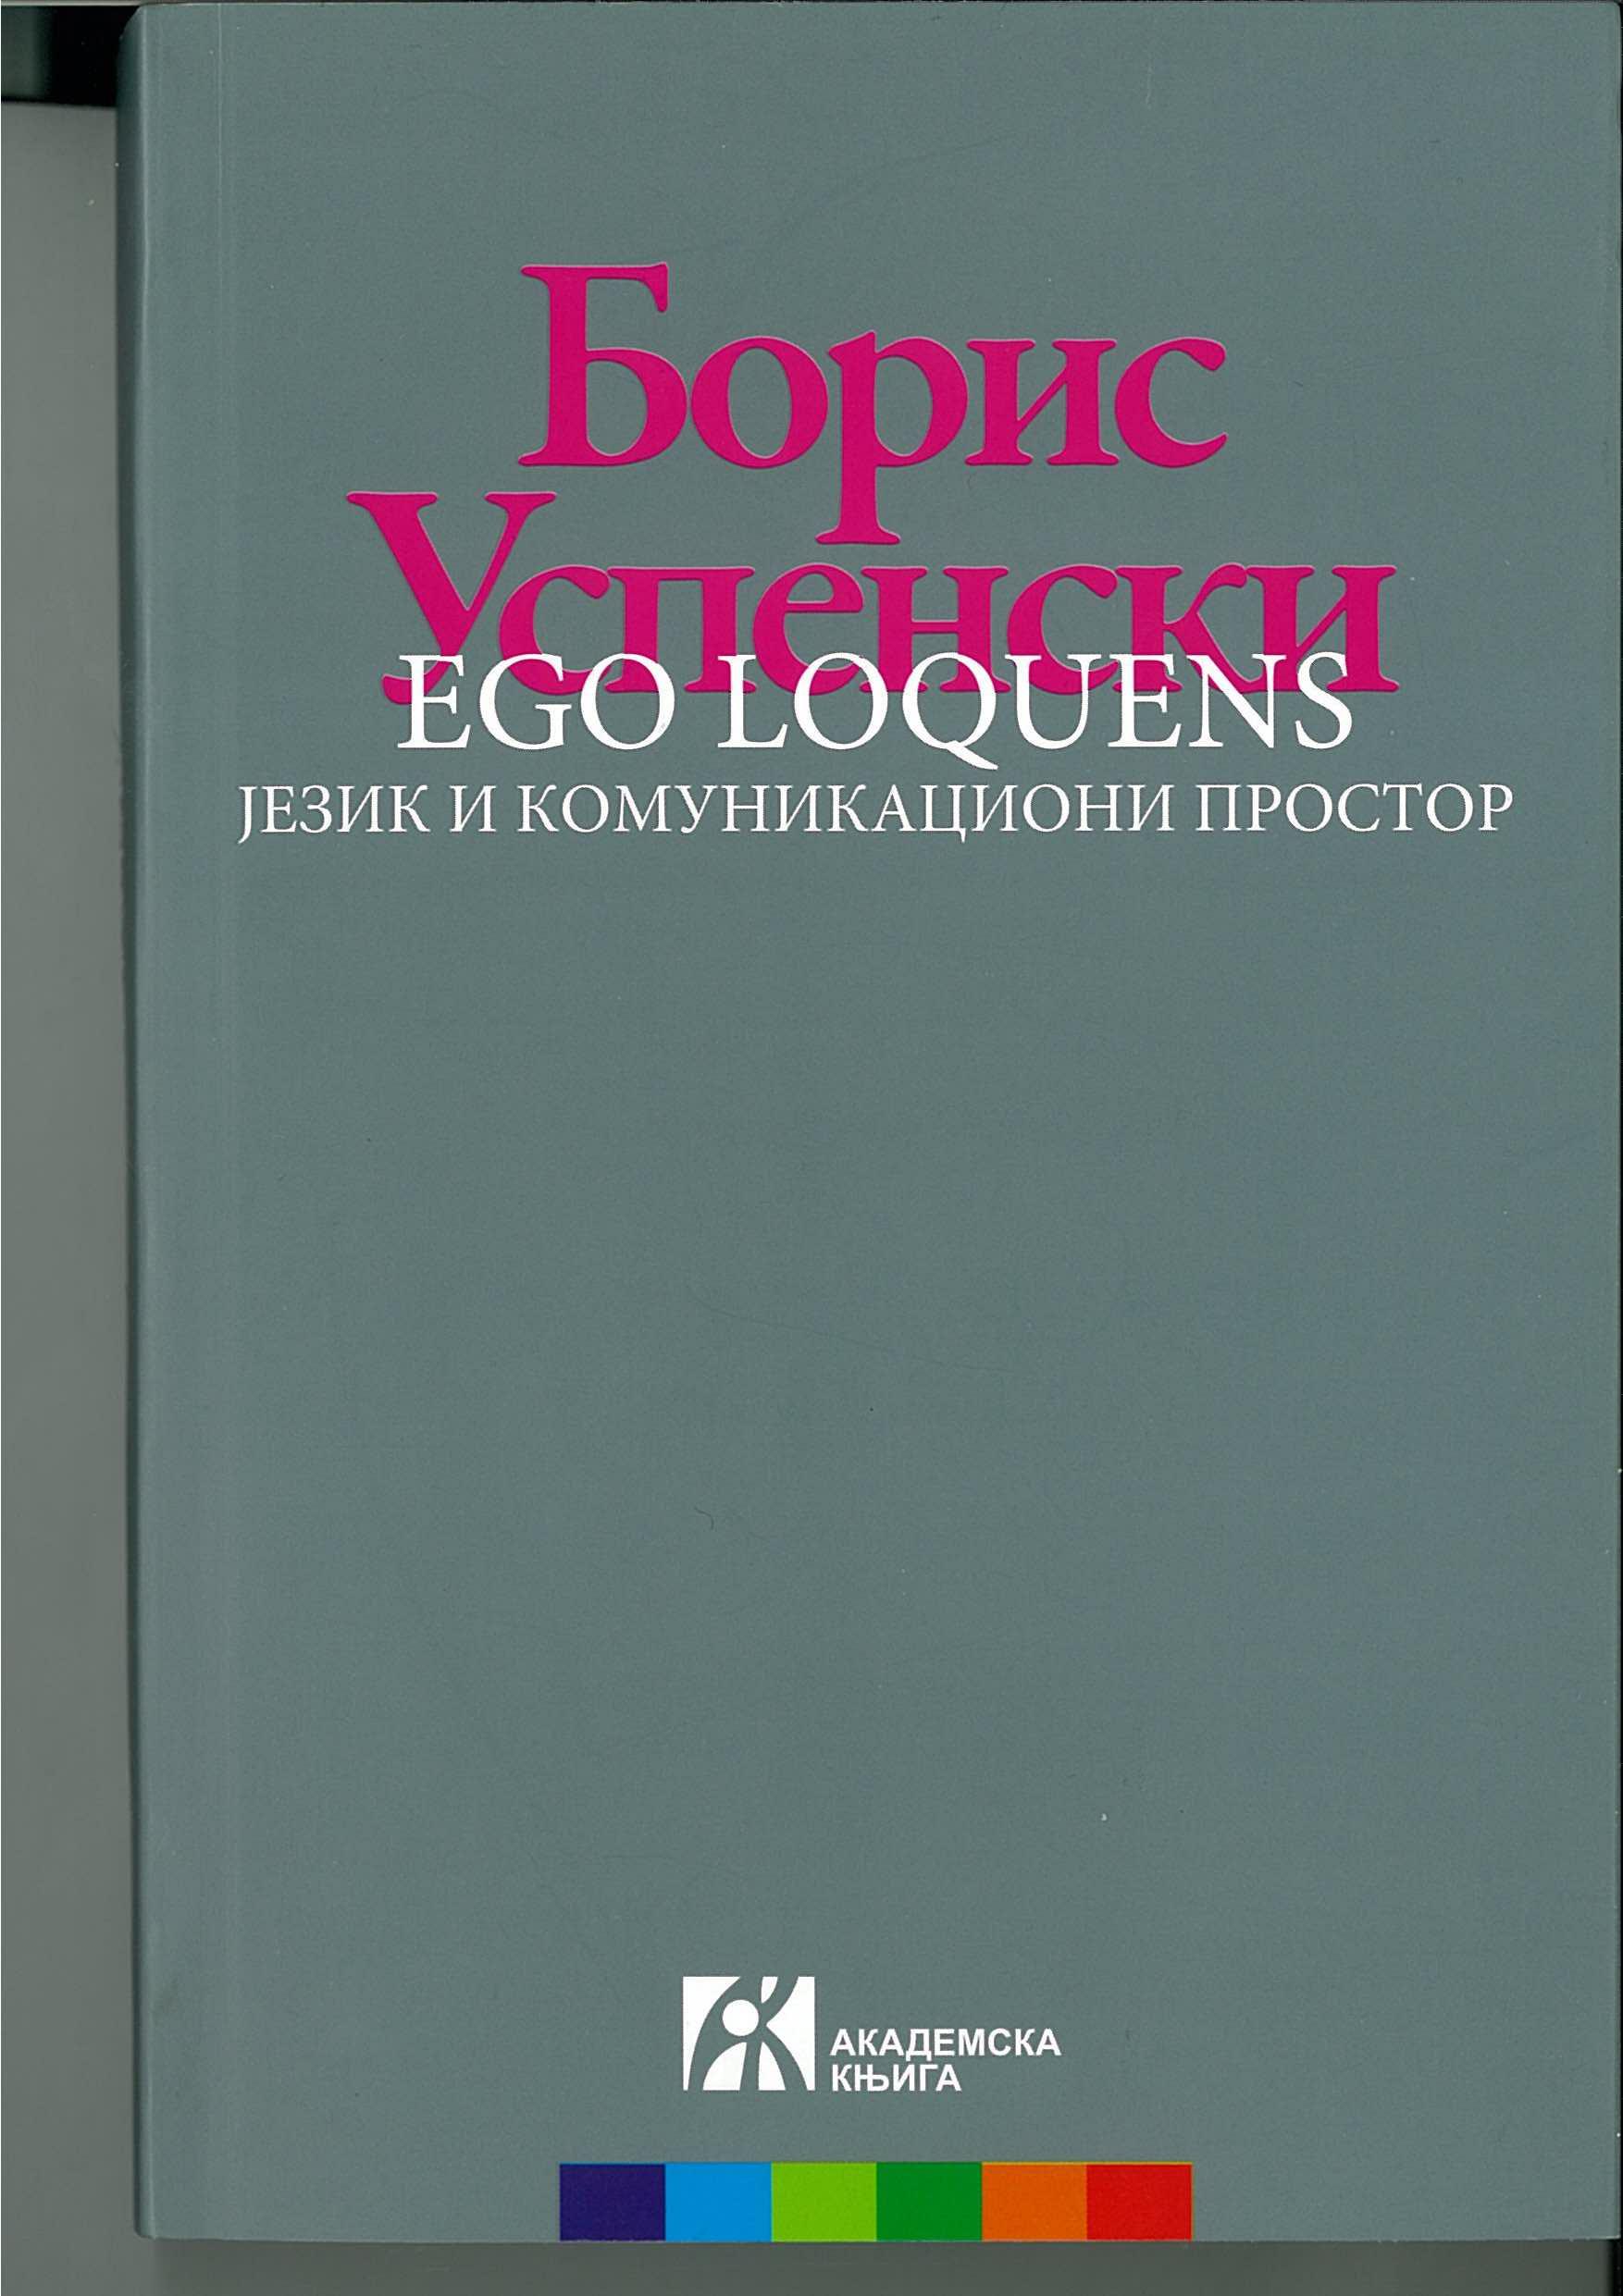 Ego loquens : језик и комуникациони простор